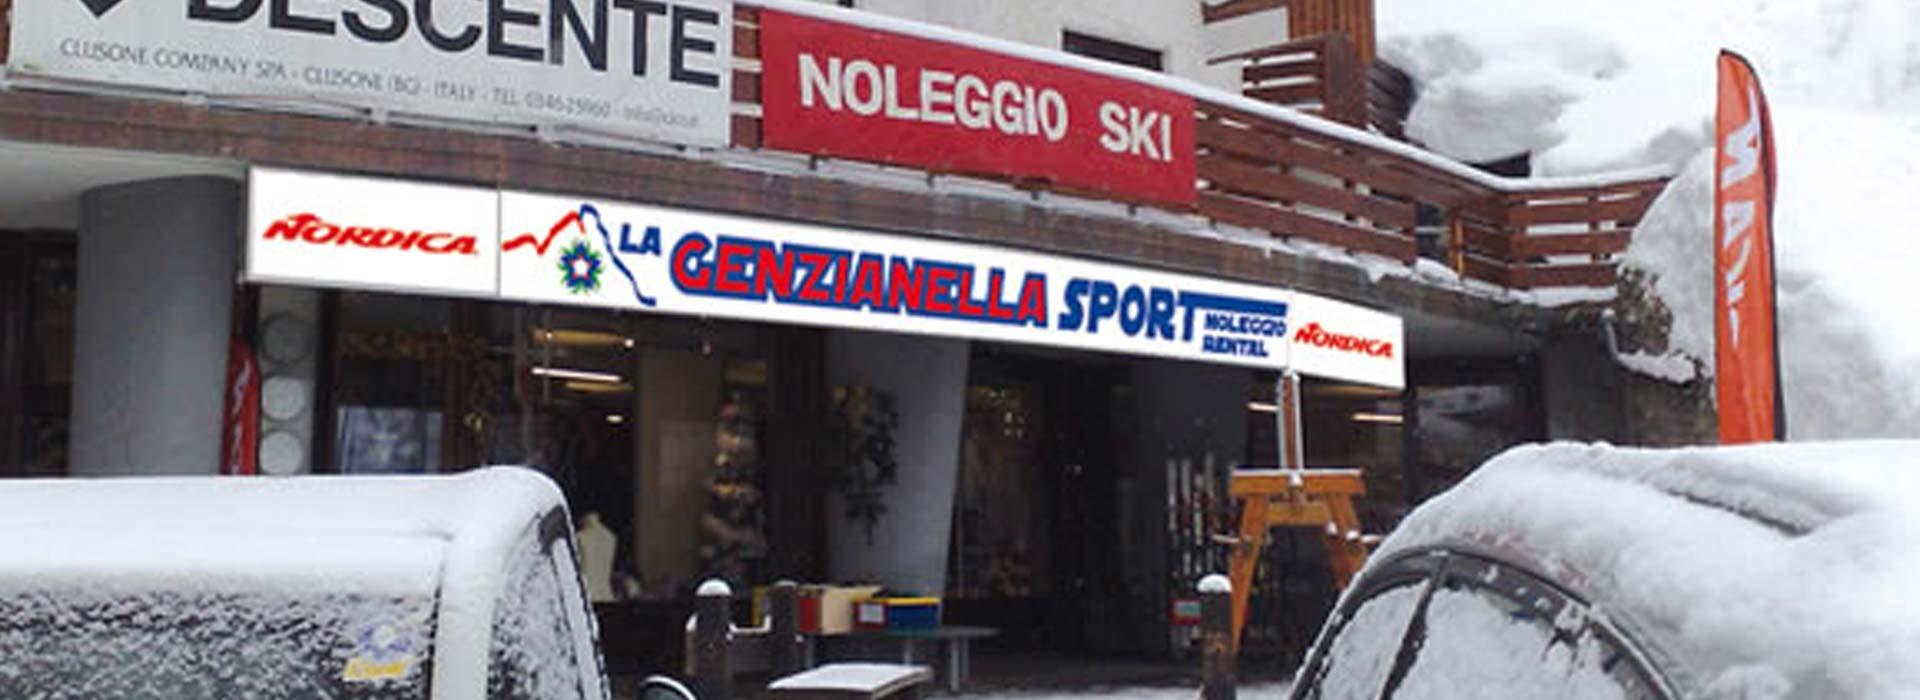 Genzianella Sport rental exterior